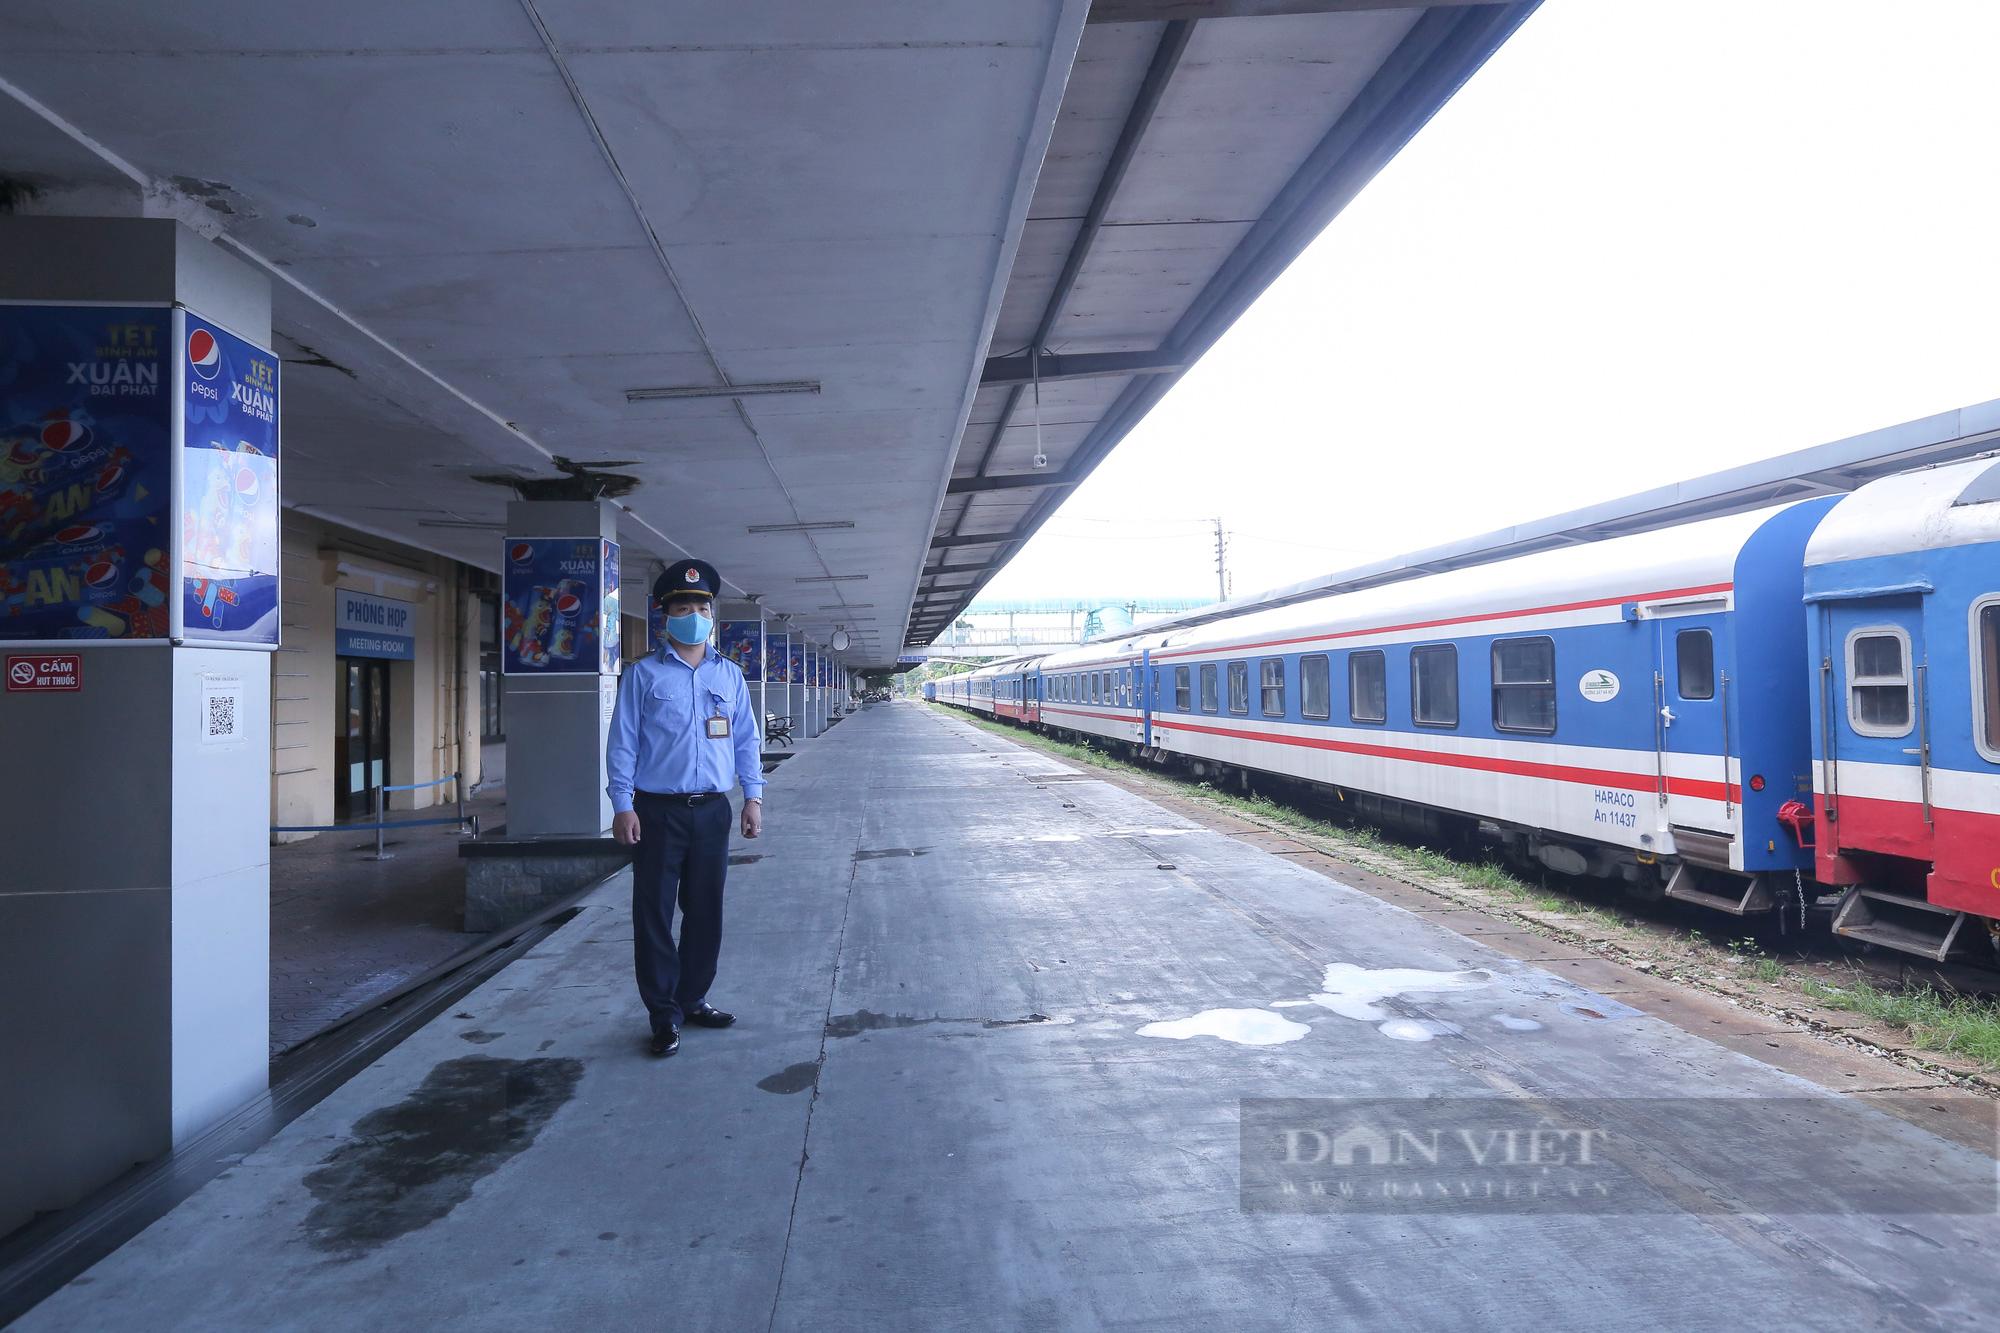 Ga Hà Nội vắng vẻ ngày đầu bán lại vé tàu hỏa - Ảnh 1.